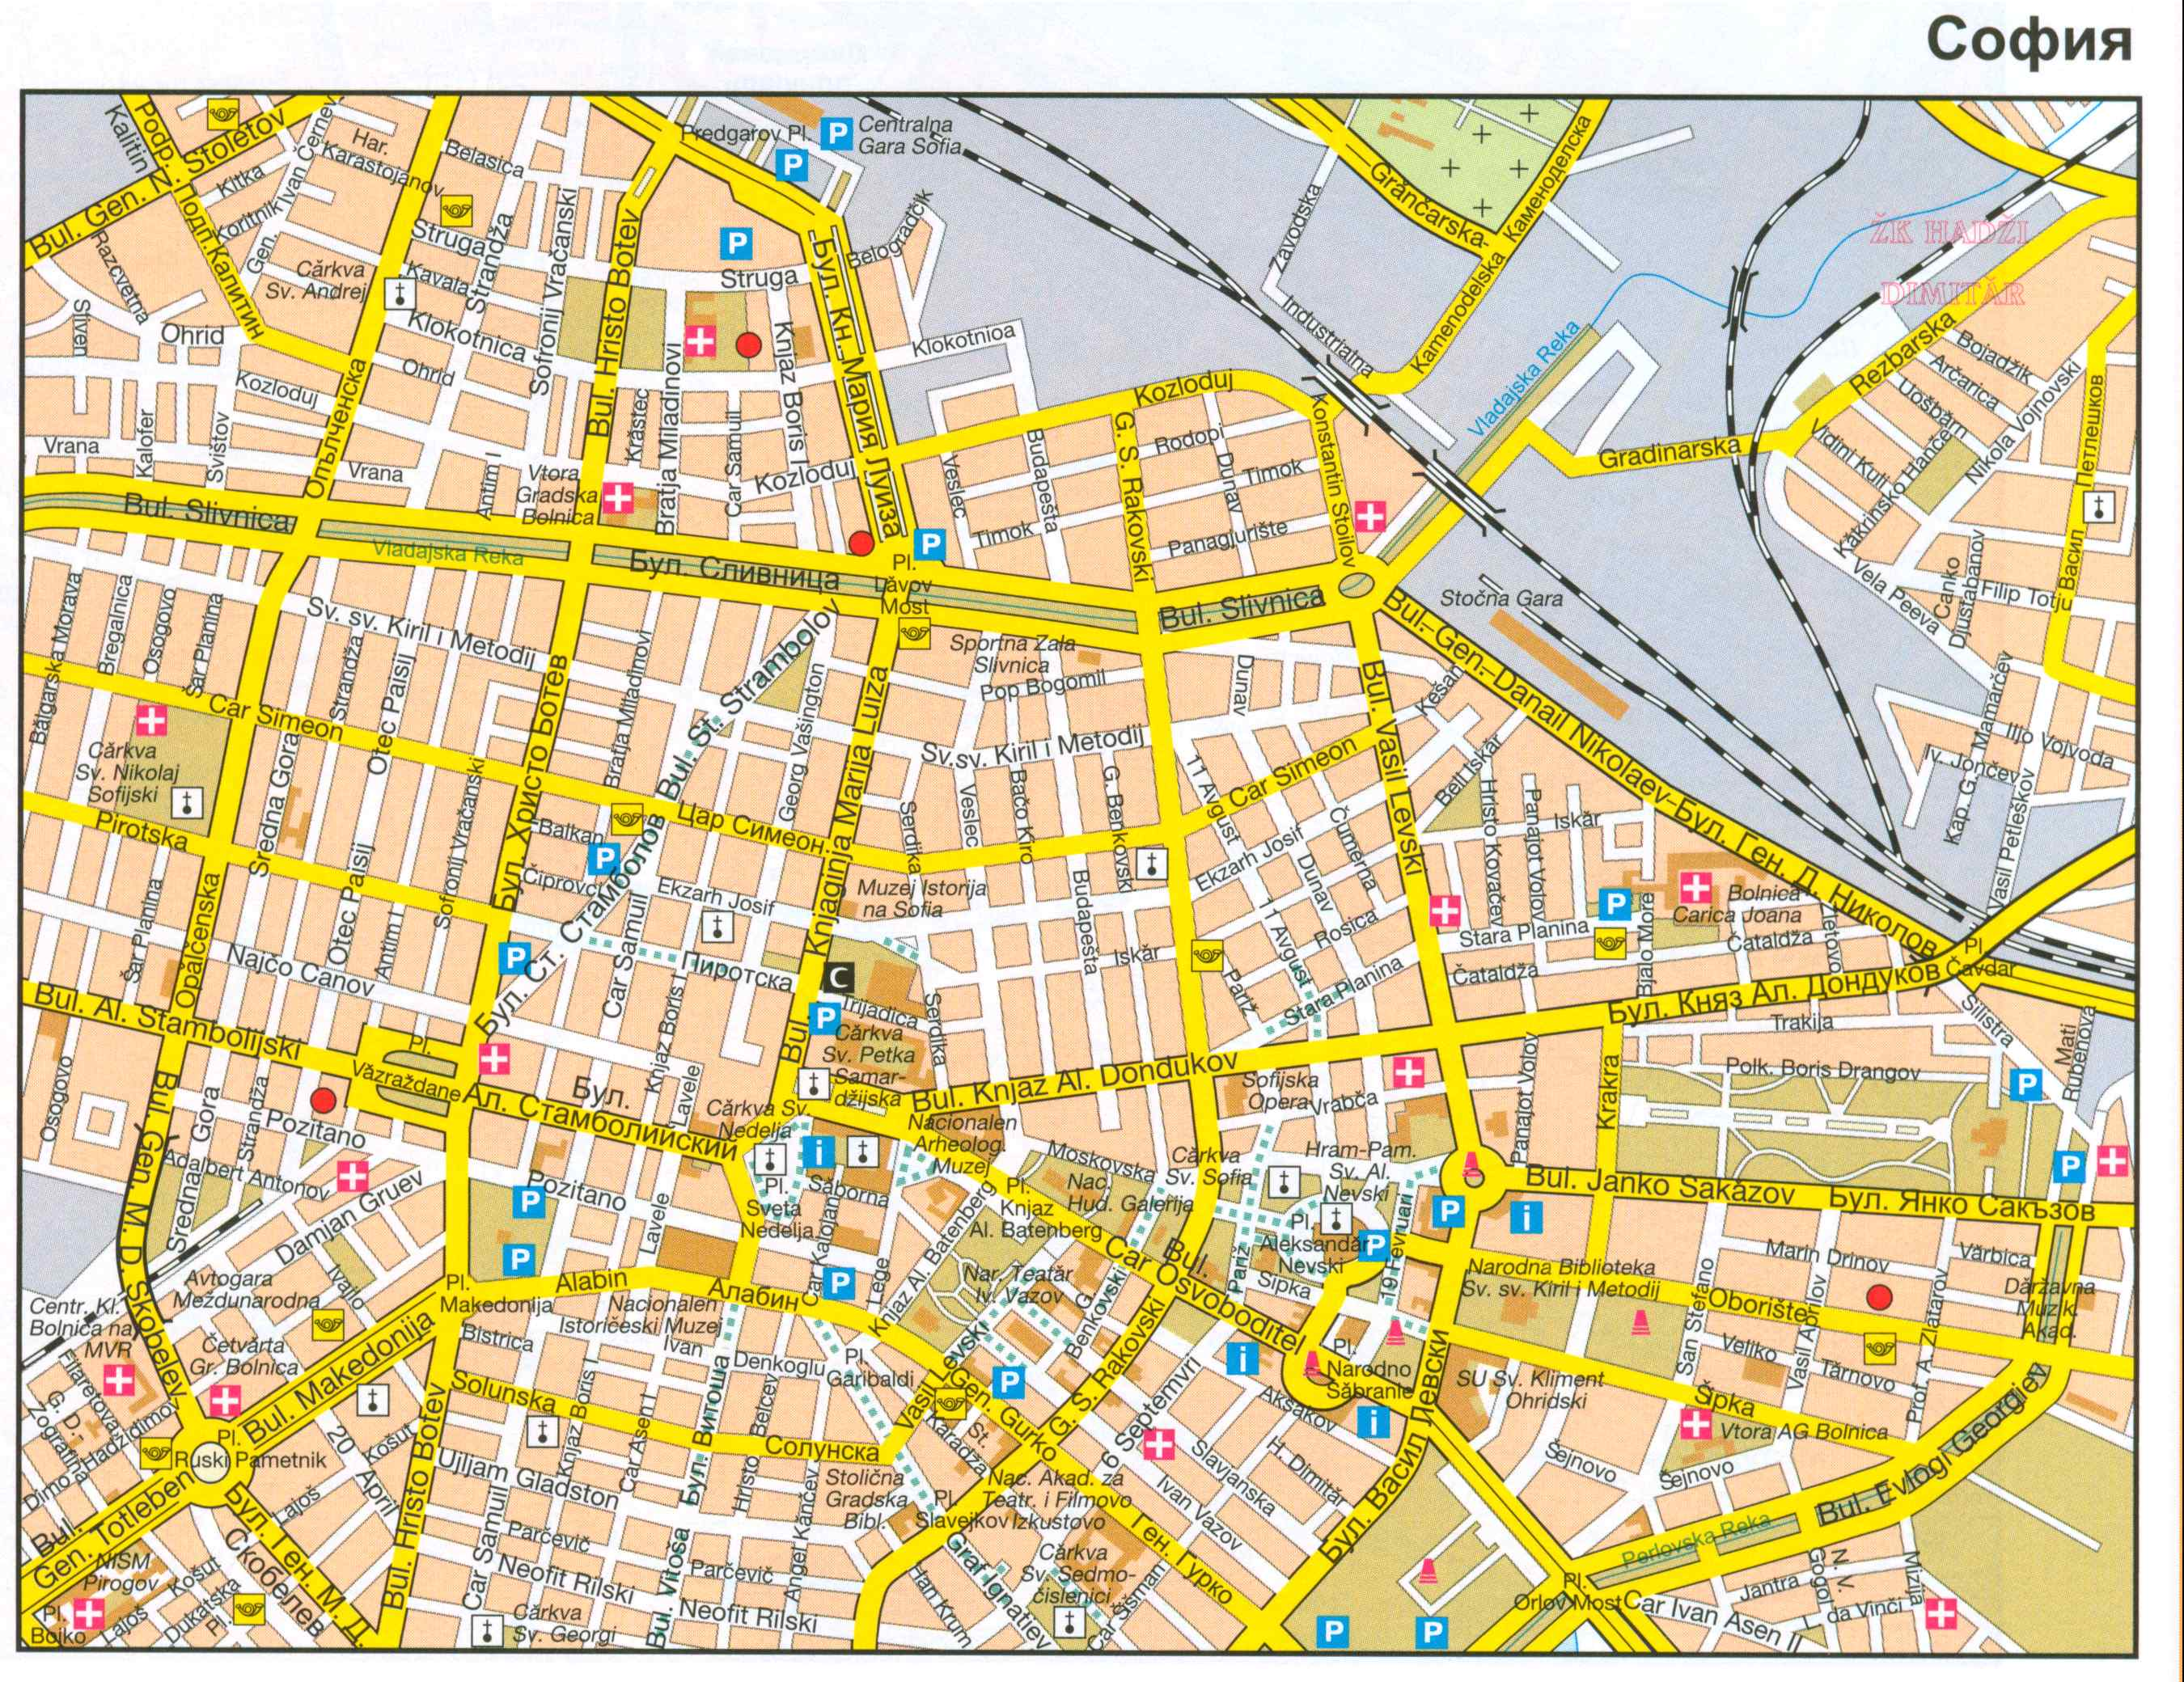 Болгария карта софии подробная карта